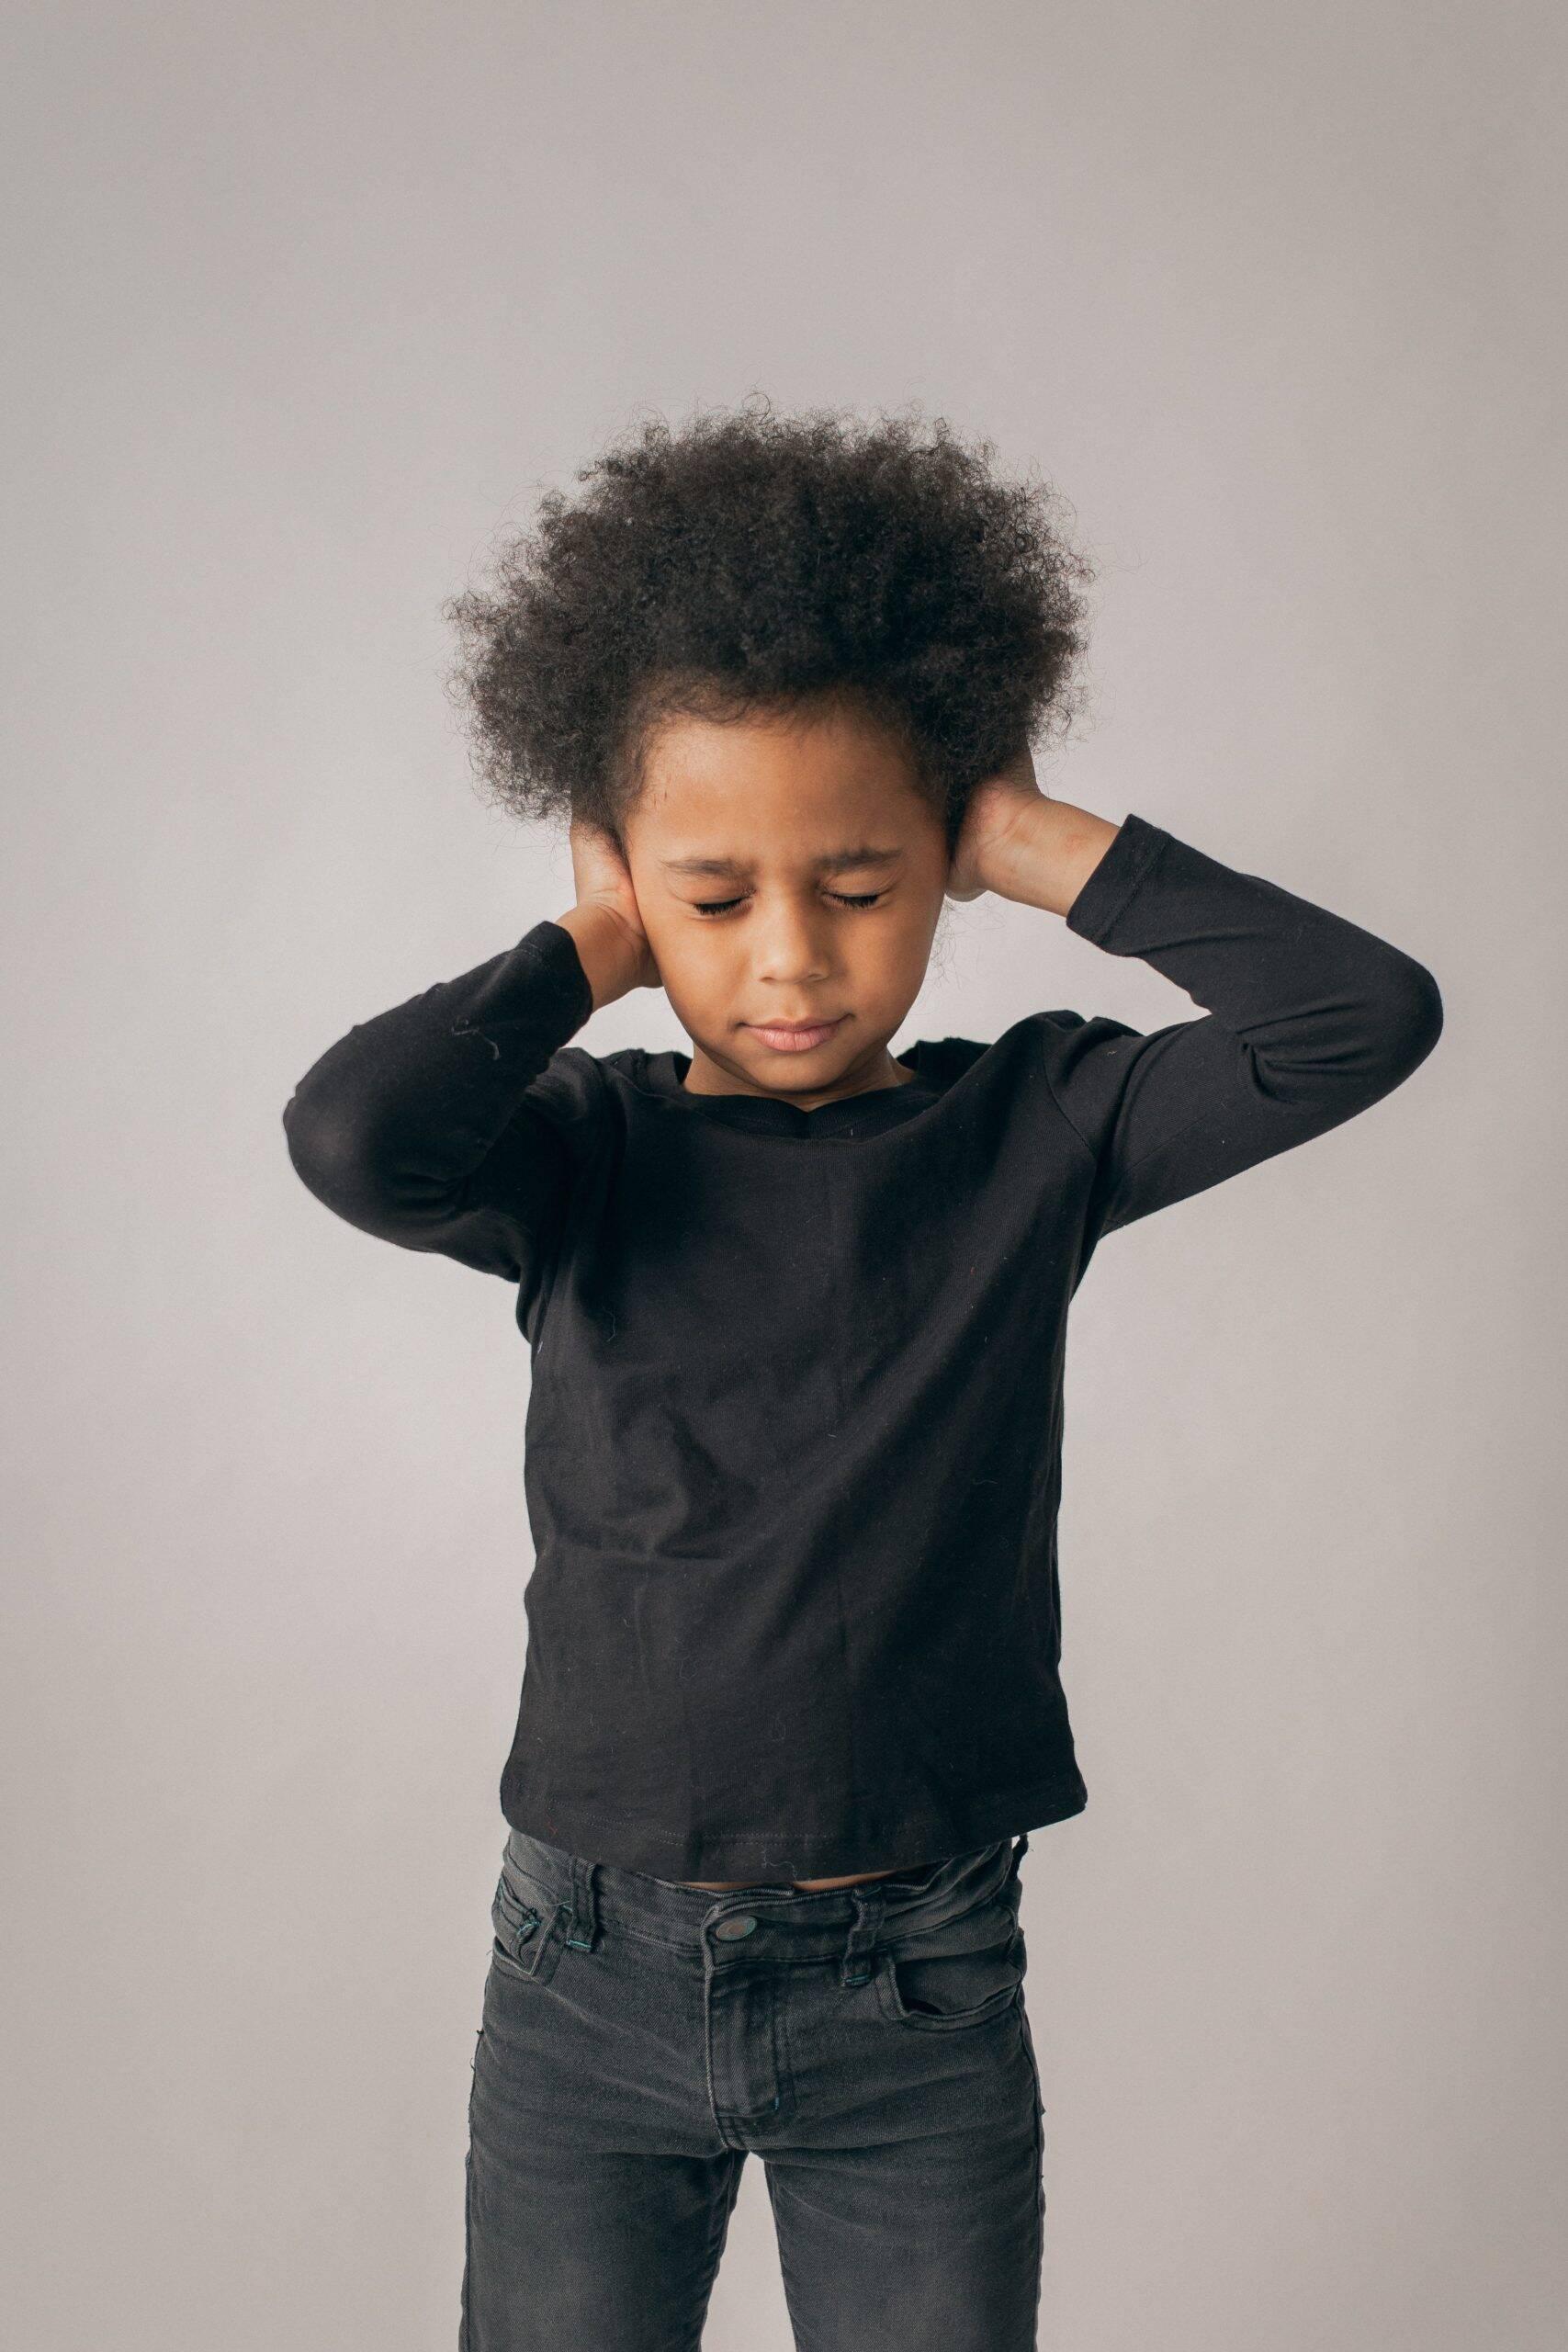 Para os pequenos é difícil compreender o que está acontecendo e porque as atividades estão restritas, além de ter que entender porque está ausente da escola. Isso colabora para que a depressão chegue. (Foto: Pexels)